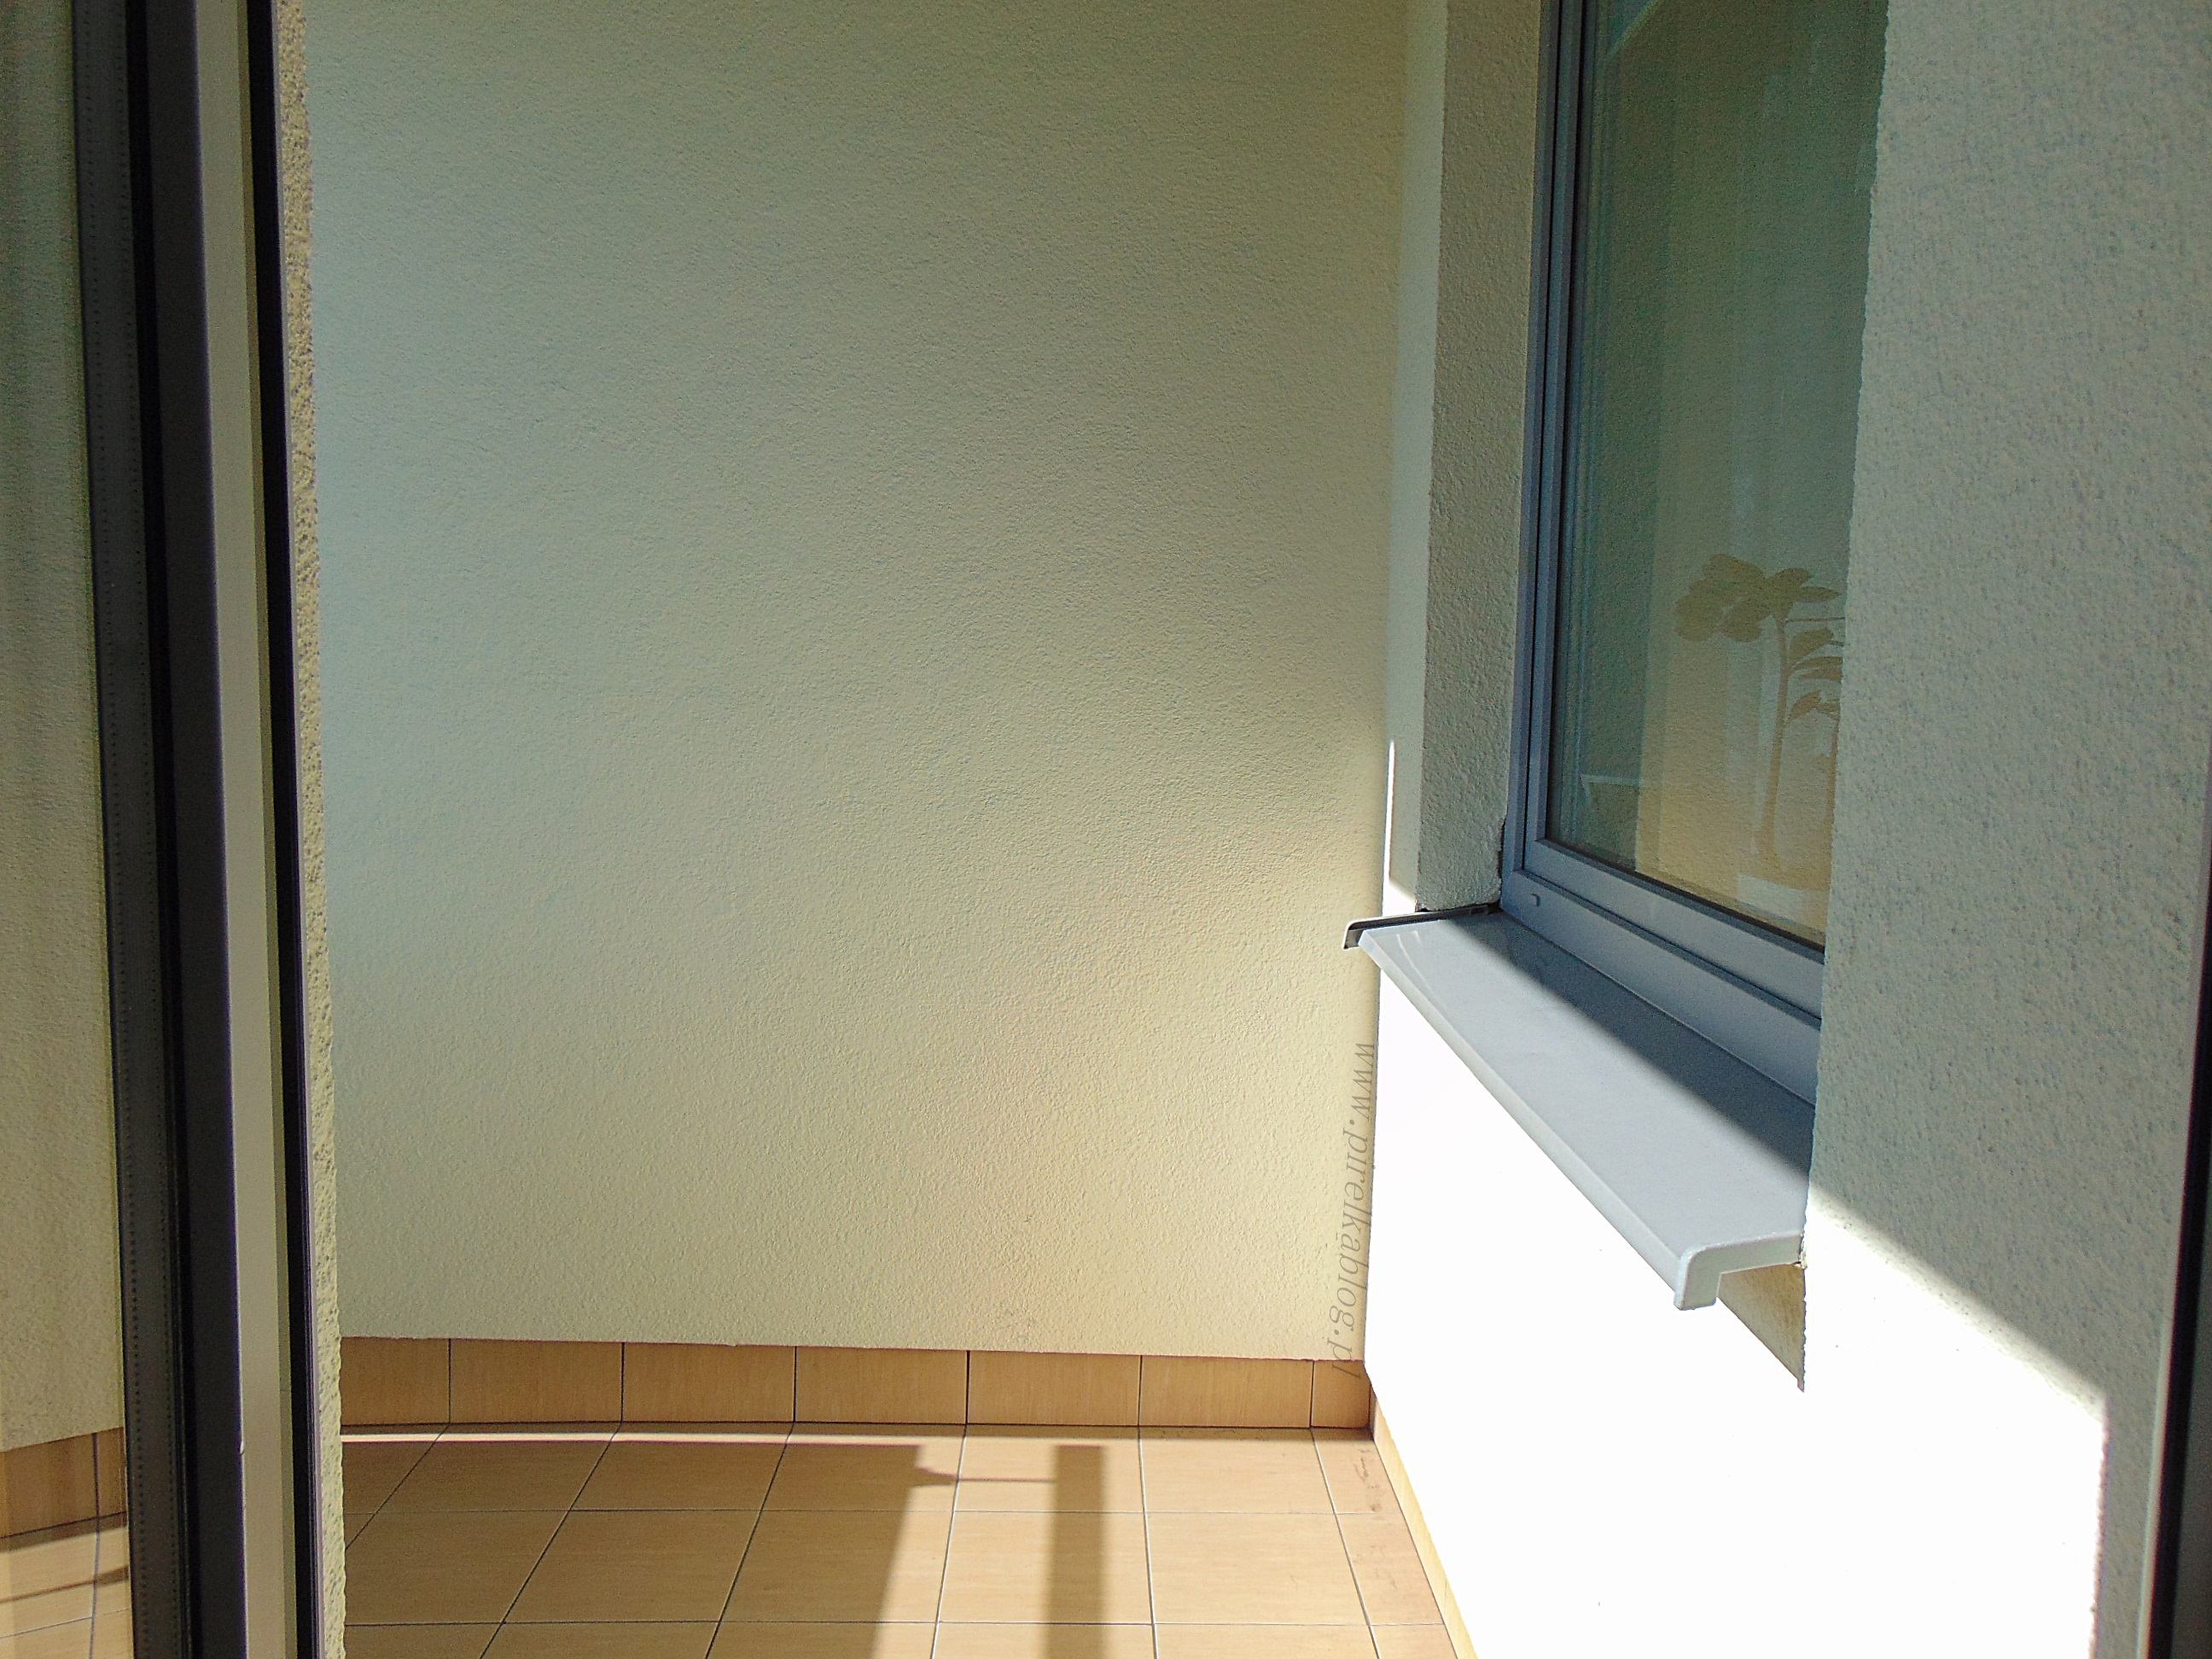 Jak urządzić balkon w bloku? Metamorfoza mojego balkonu